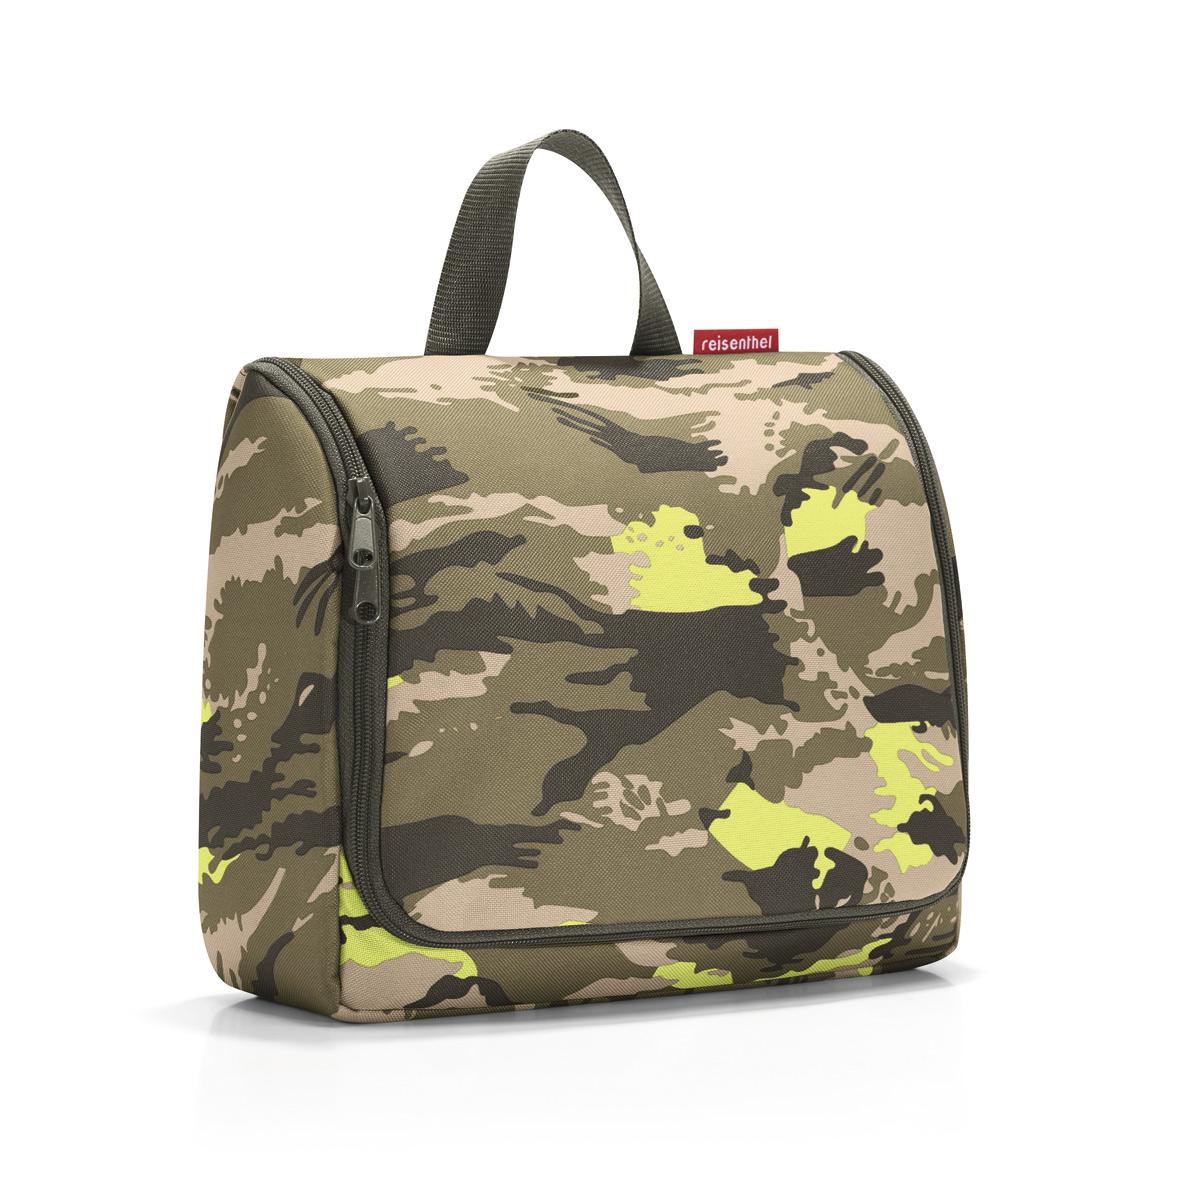 Сумка-органайзер женская Reisenthel Toiletbag XL camouflage, цвет: зеленый, бежевый. WO5034WO5034Объемная сумка-органайзер, очень удобная в поездках, а также в ванной или гардеробной: вмещает все необходимое и позволяет хранить мелочи в идеальном порядке. - внутри сумки - 1 основное отделение и 4 кармана. Еще 2 кармана на молнии расположены на крышке с внутренней стороны; - специальный крючок позволяет подвесить органайзер в развернутом состоянии, облегчив доступ к косметике и аксессуарам; - съемное зеркало можно прикрепить к специальной липучке; - объем – 6 литров.